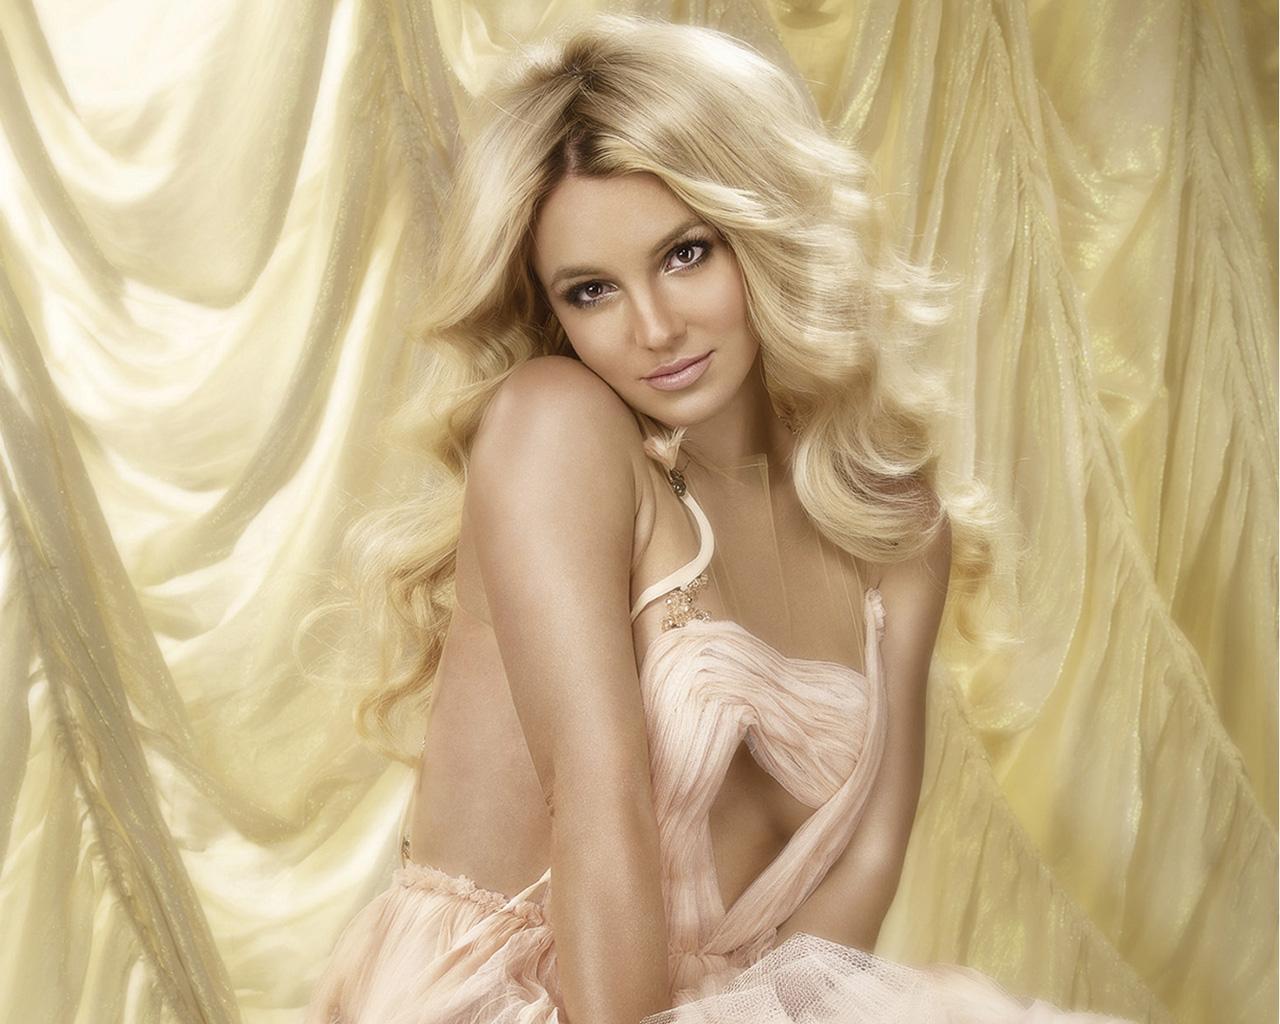 Britney Spears On A Nude Beach